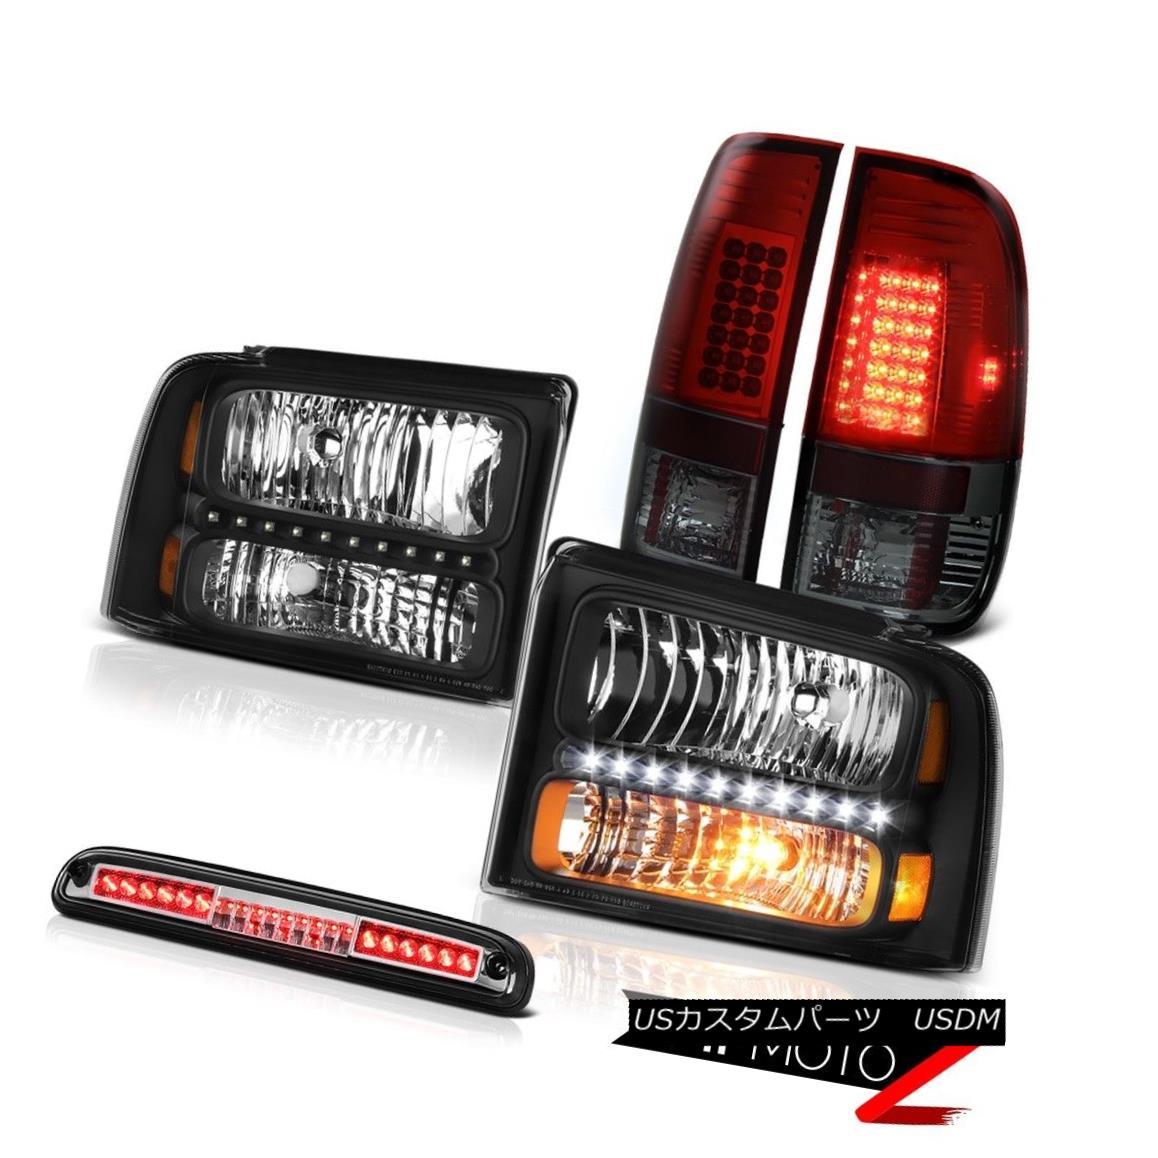 テールライト 2005-2007 F250 Beast Black Headlights Smokey Red L.E.D Tail Lights 3rd Brake LED 2005-2007 F250ビーストブラックヘッドライトスモーキーレッドL.E.Dテールライト第3ブレーキLED